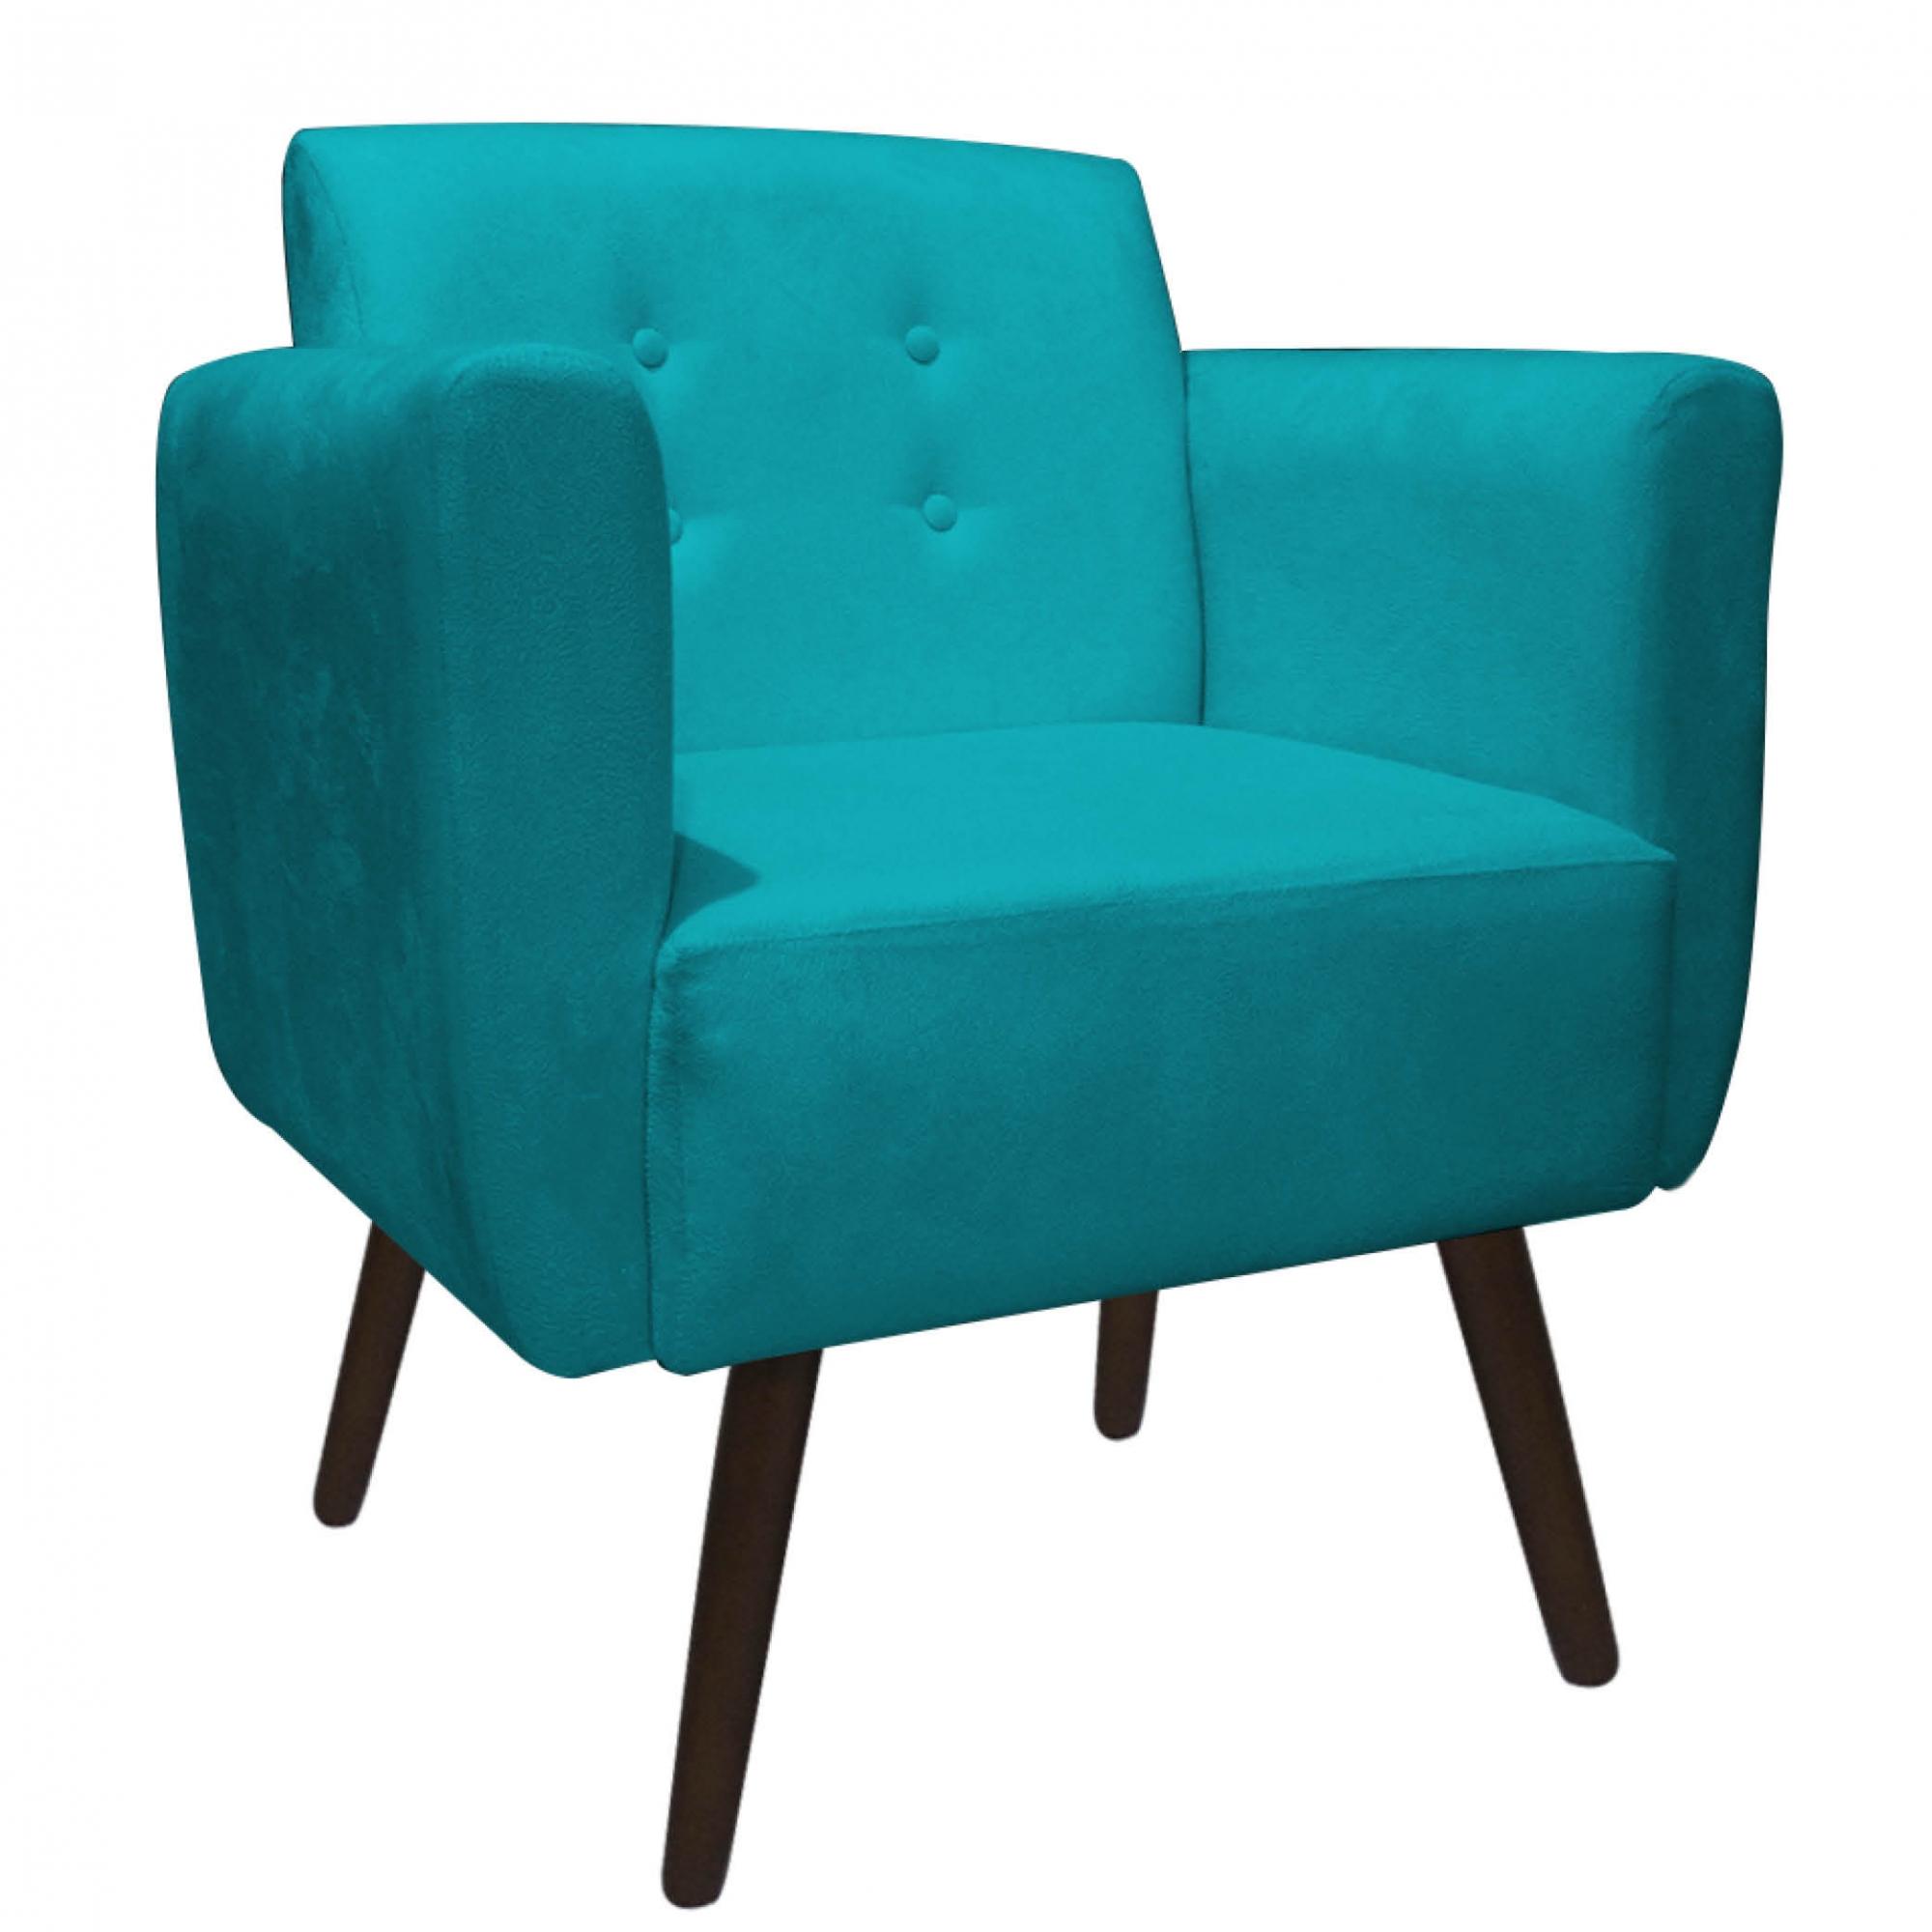 Poltrona Duda Decoraçâo Pé Palito Cadeira Recepção Escritório Clinica D'Classe Decor Suede Azul Tiffany